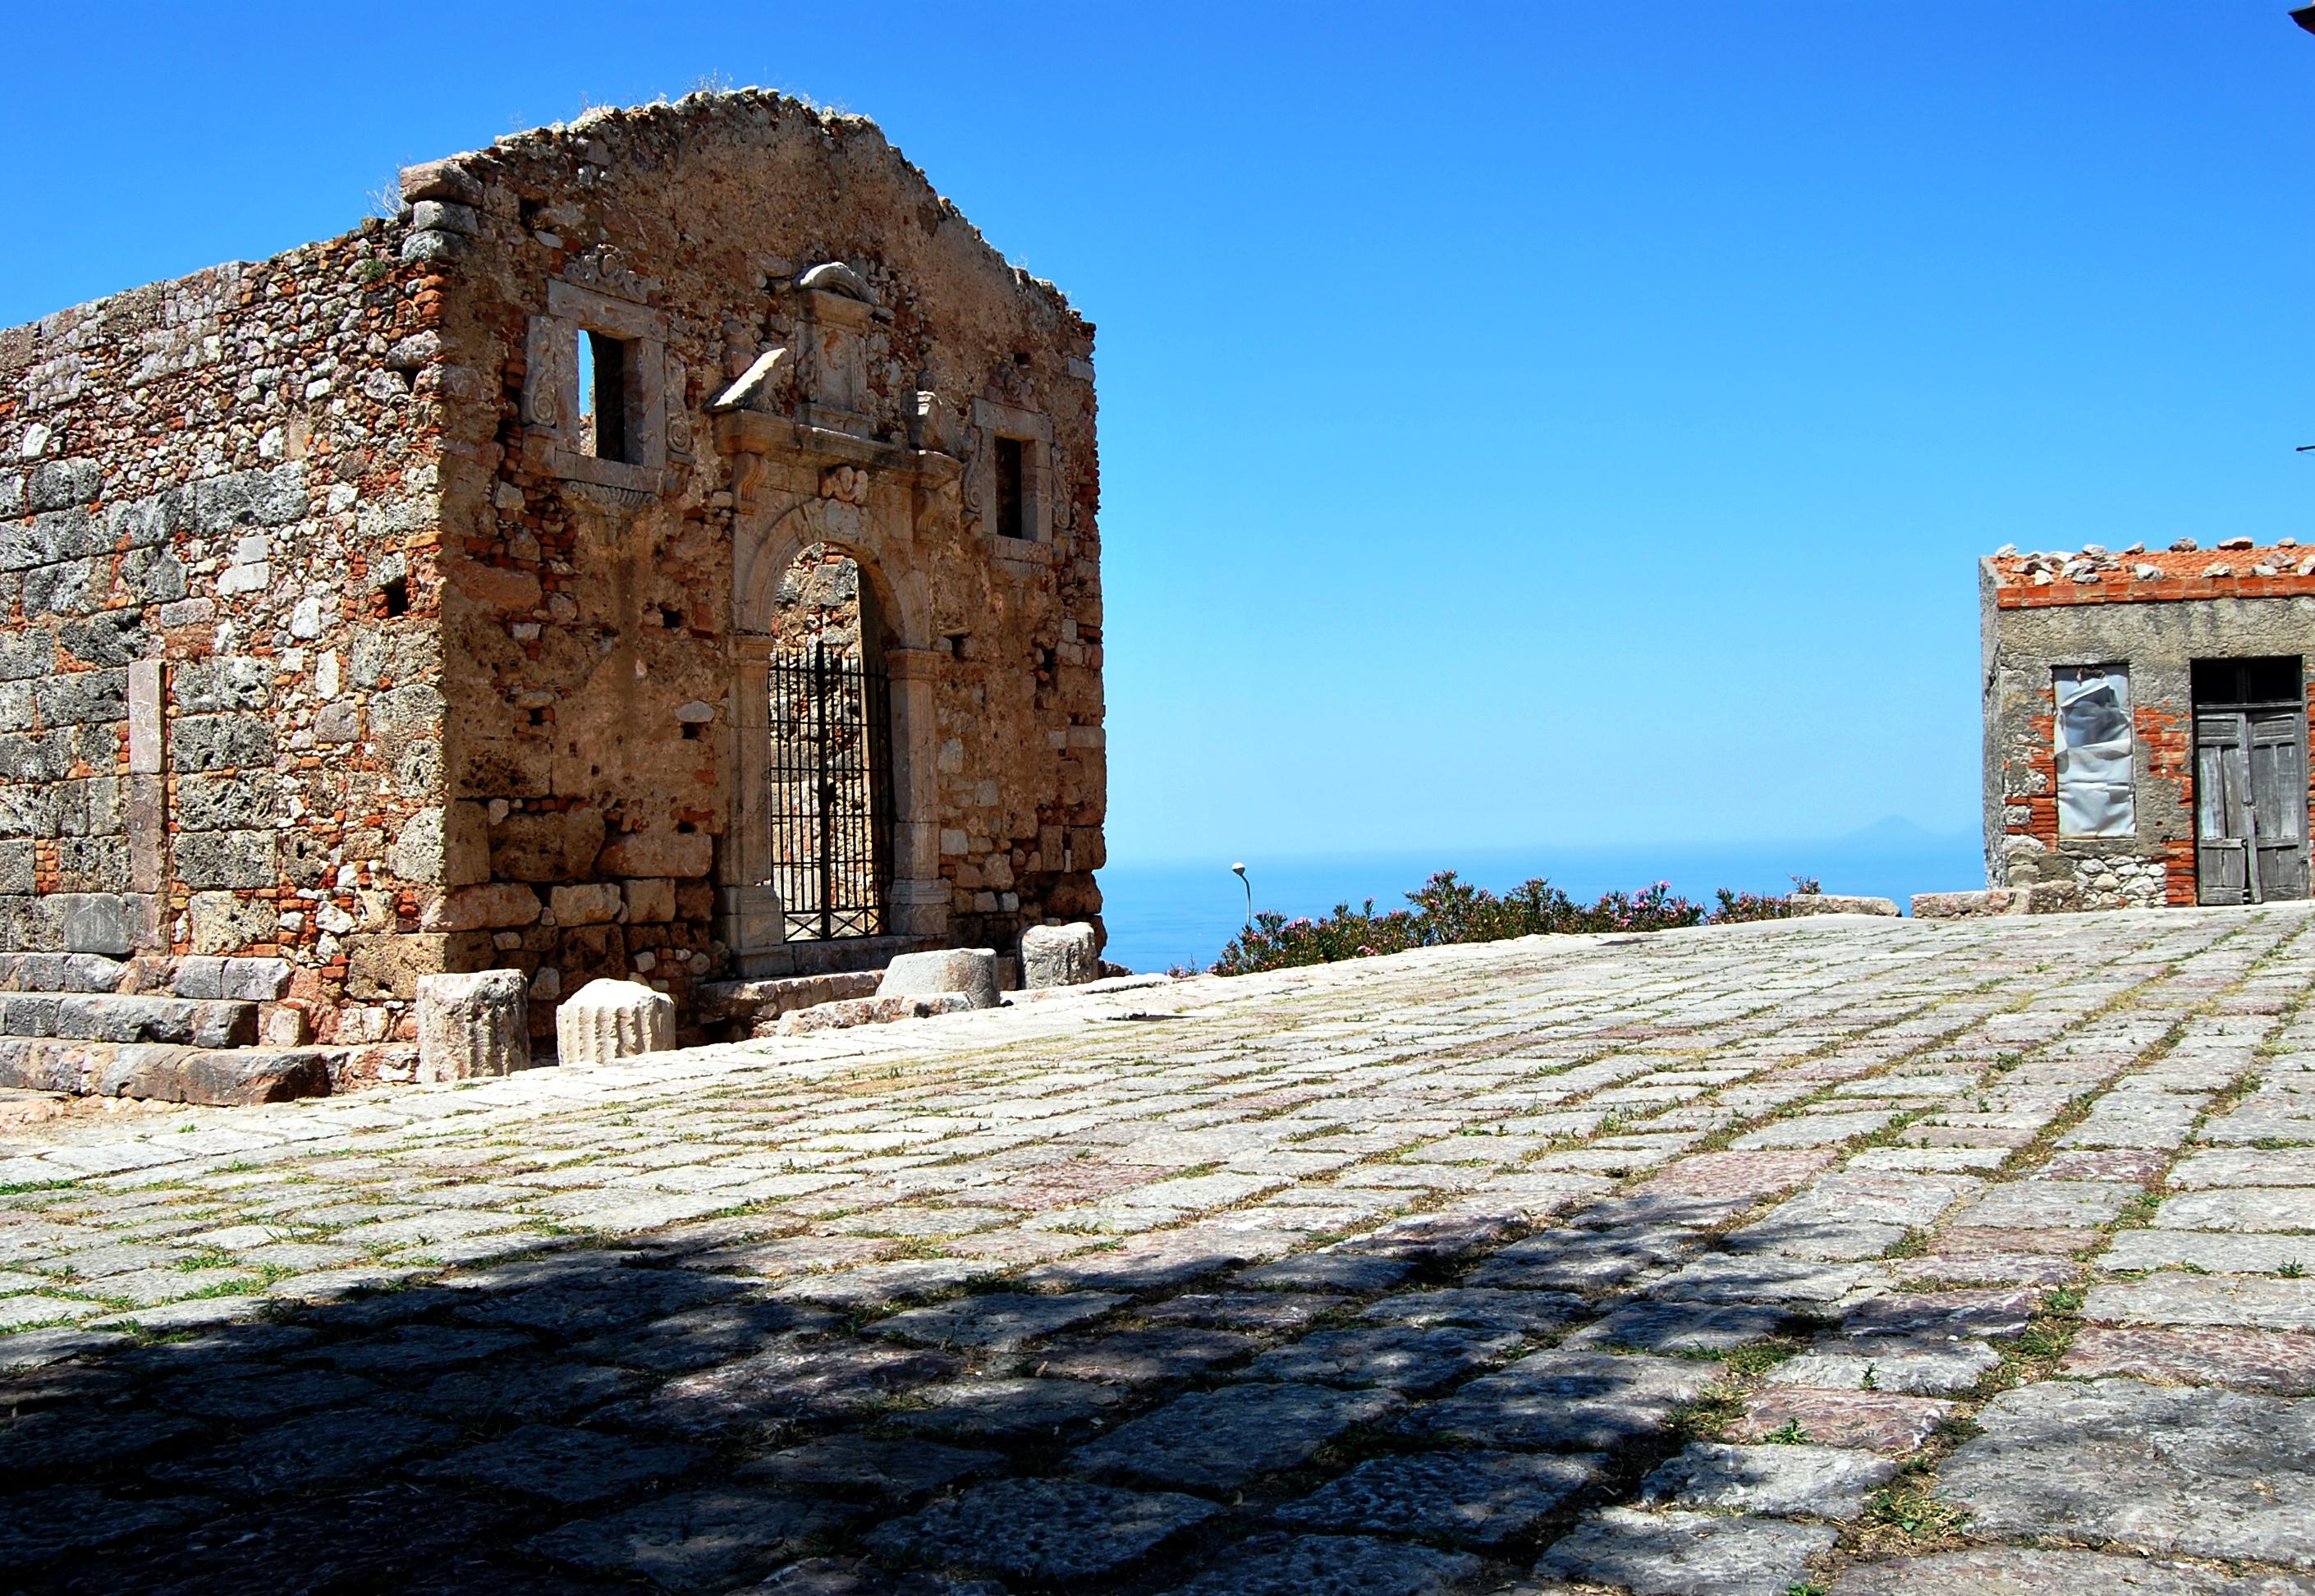 Sul Tirreno. Il Tempio d'Ercole a San Marco d'Alunzio